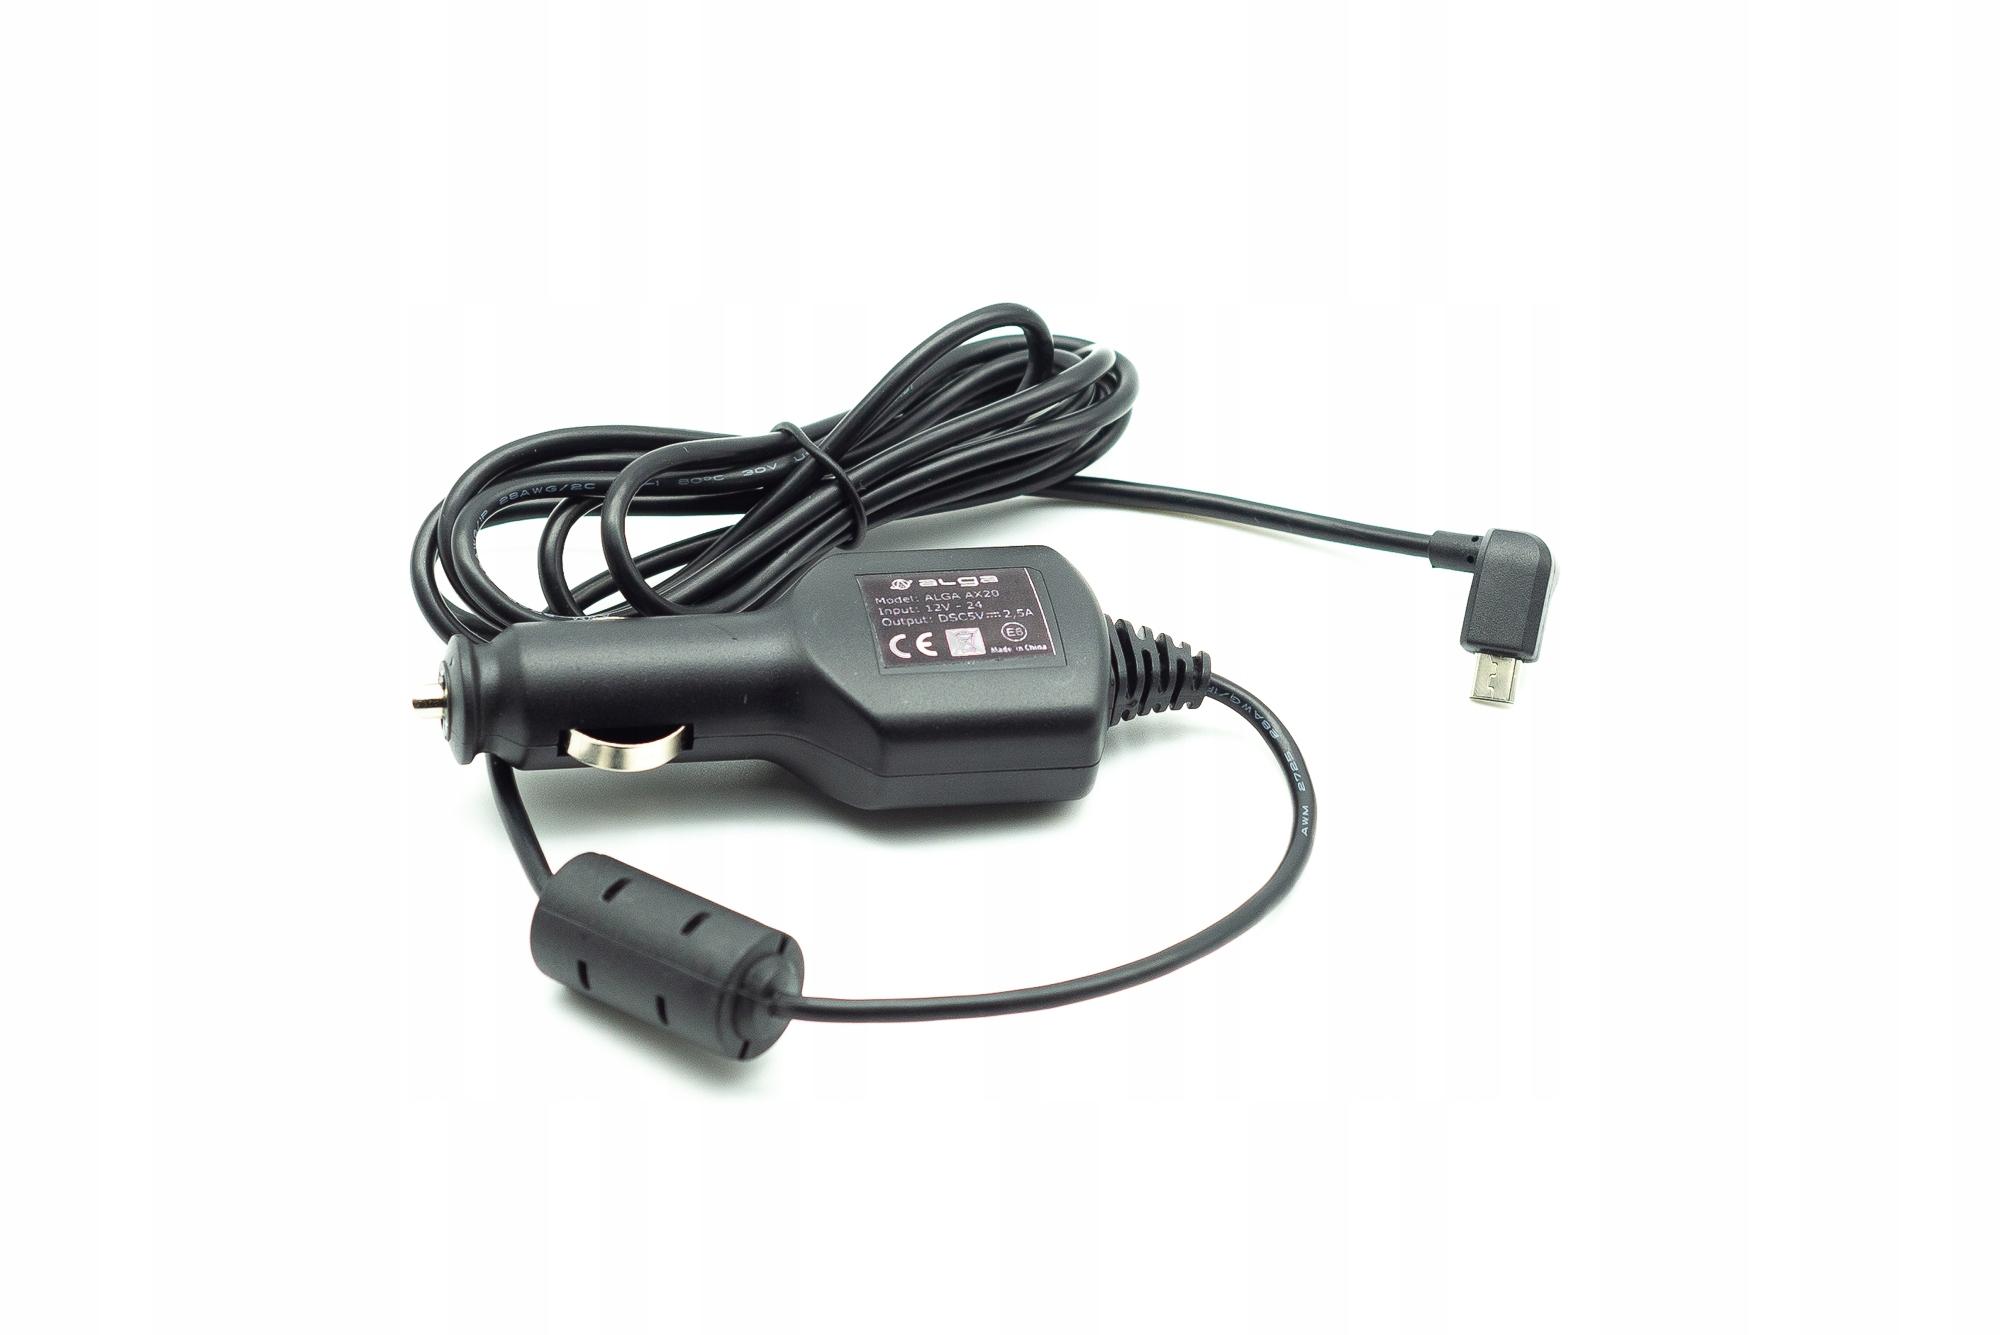 ŁADOWARKA SAMOCHODOWA Z FILTREM MICRO USB 5V 2.5A Przeznaczenie inny producent